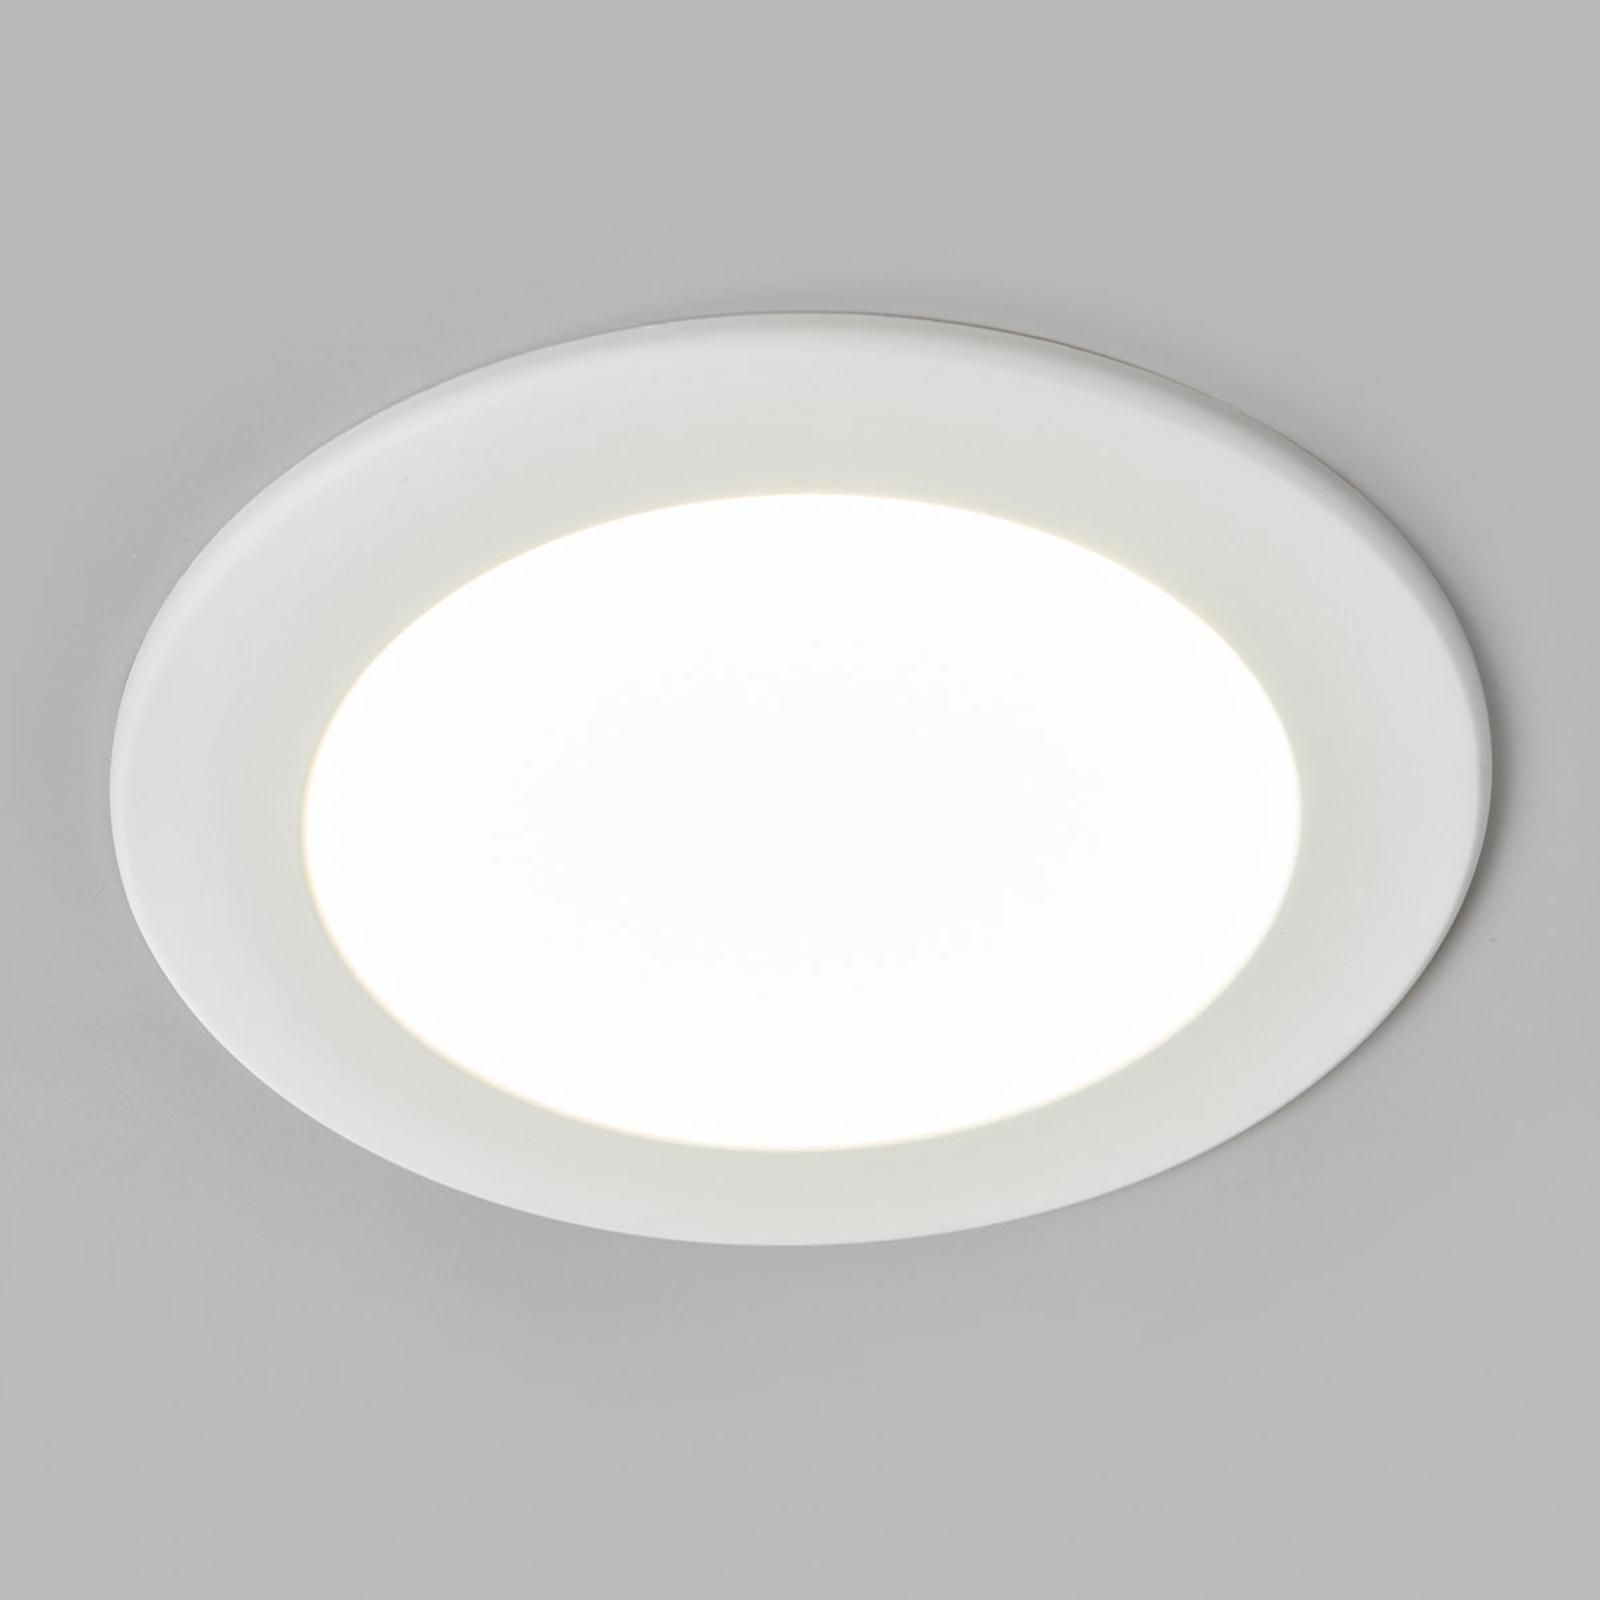 LED-innfelt spot Joki, hvit, 4000K rund 17cm